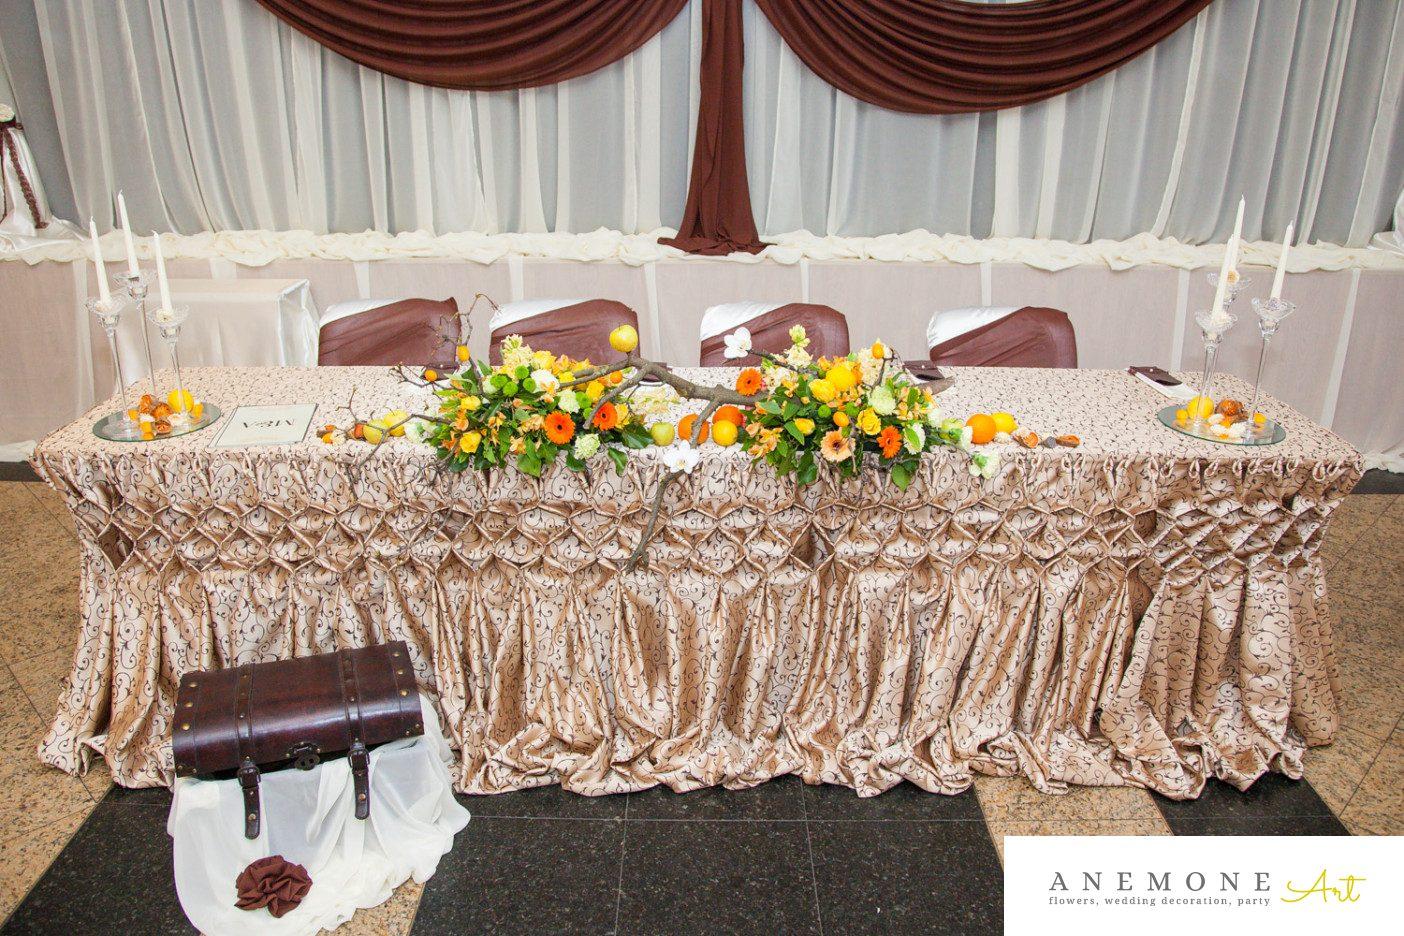 Poza, foto cu Flori de nunta crengi, fructe, maro, portocaliu, prezidiu, toamna in Arad, Timisoara, Oradea (wedding flowers, bouquets) nunta Arad, Timisoara, Oradea